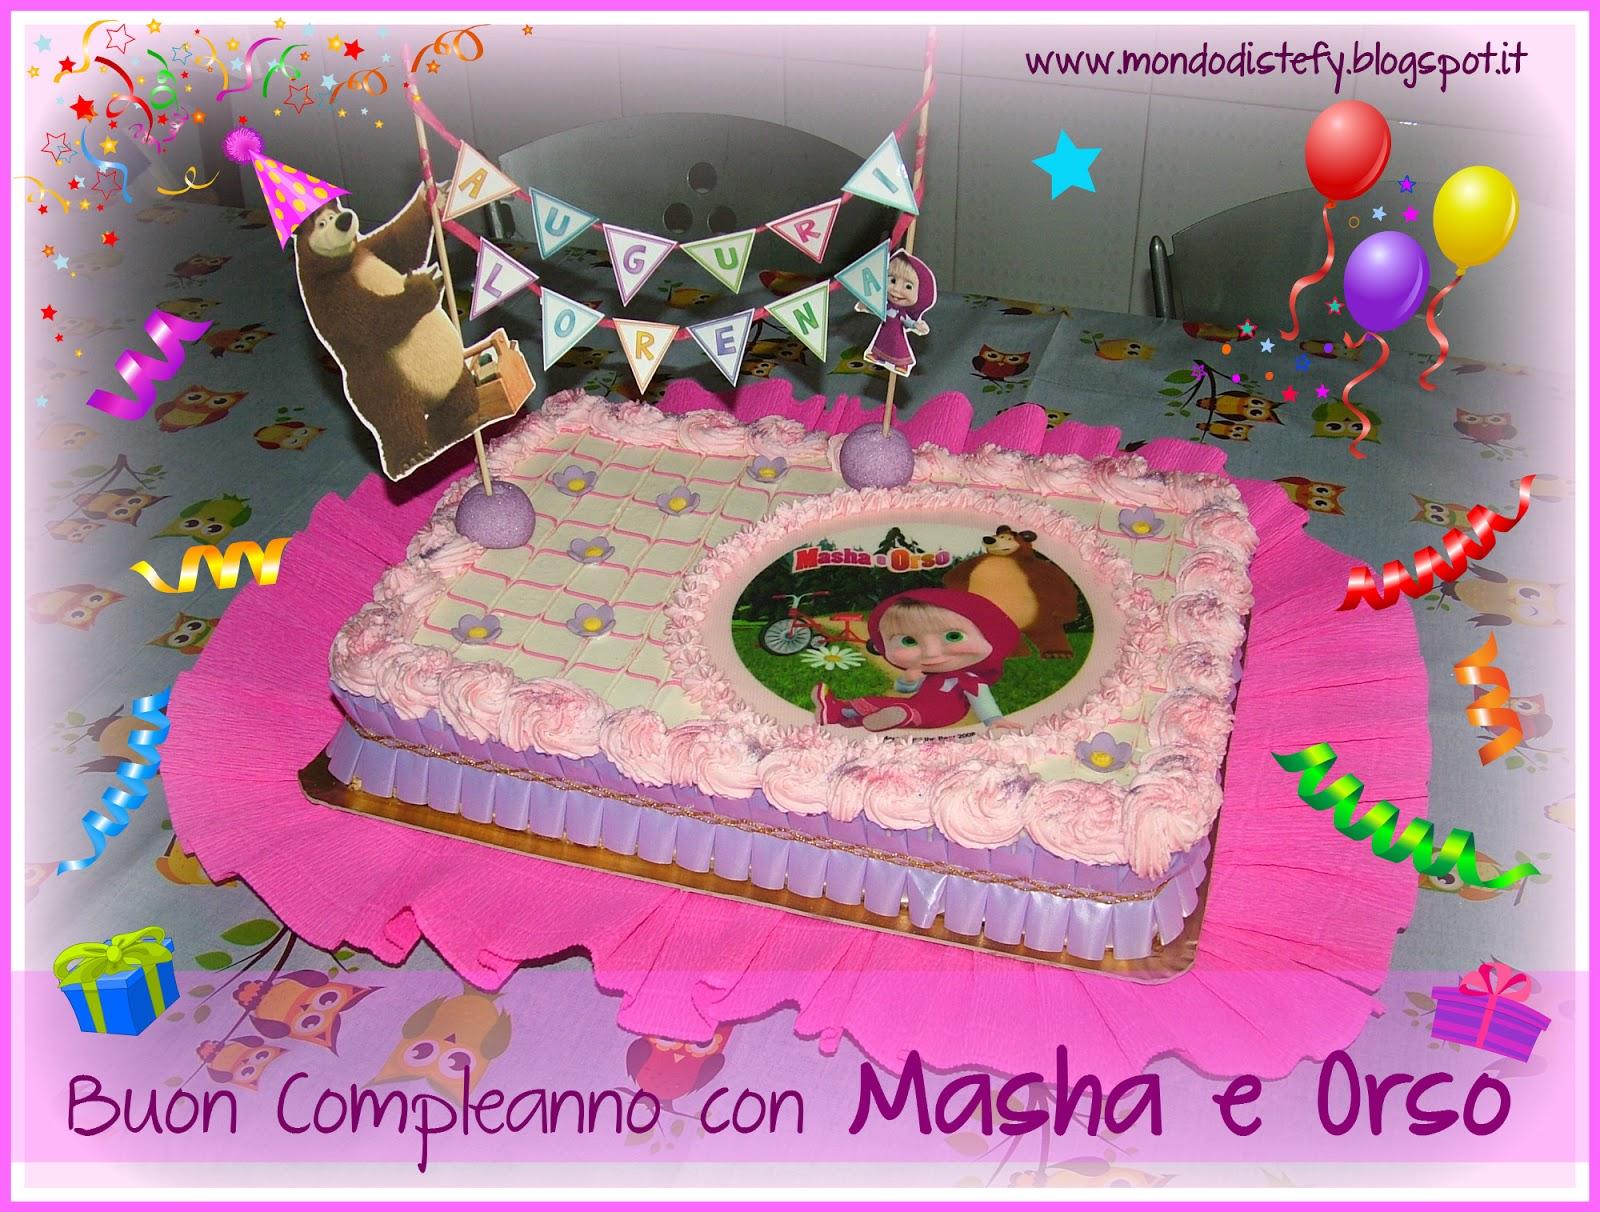 Il Mondo Di Stefy E Cri Buon Compleanno Con Masha E Orso